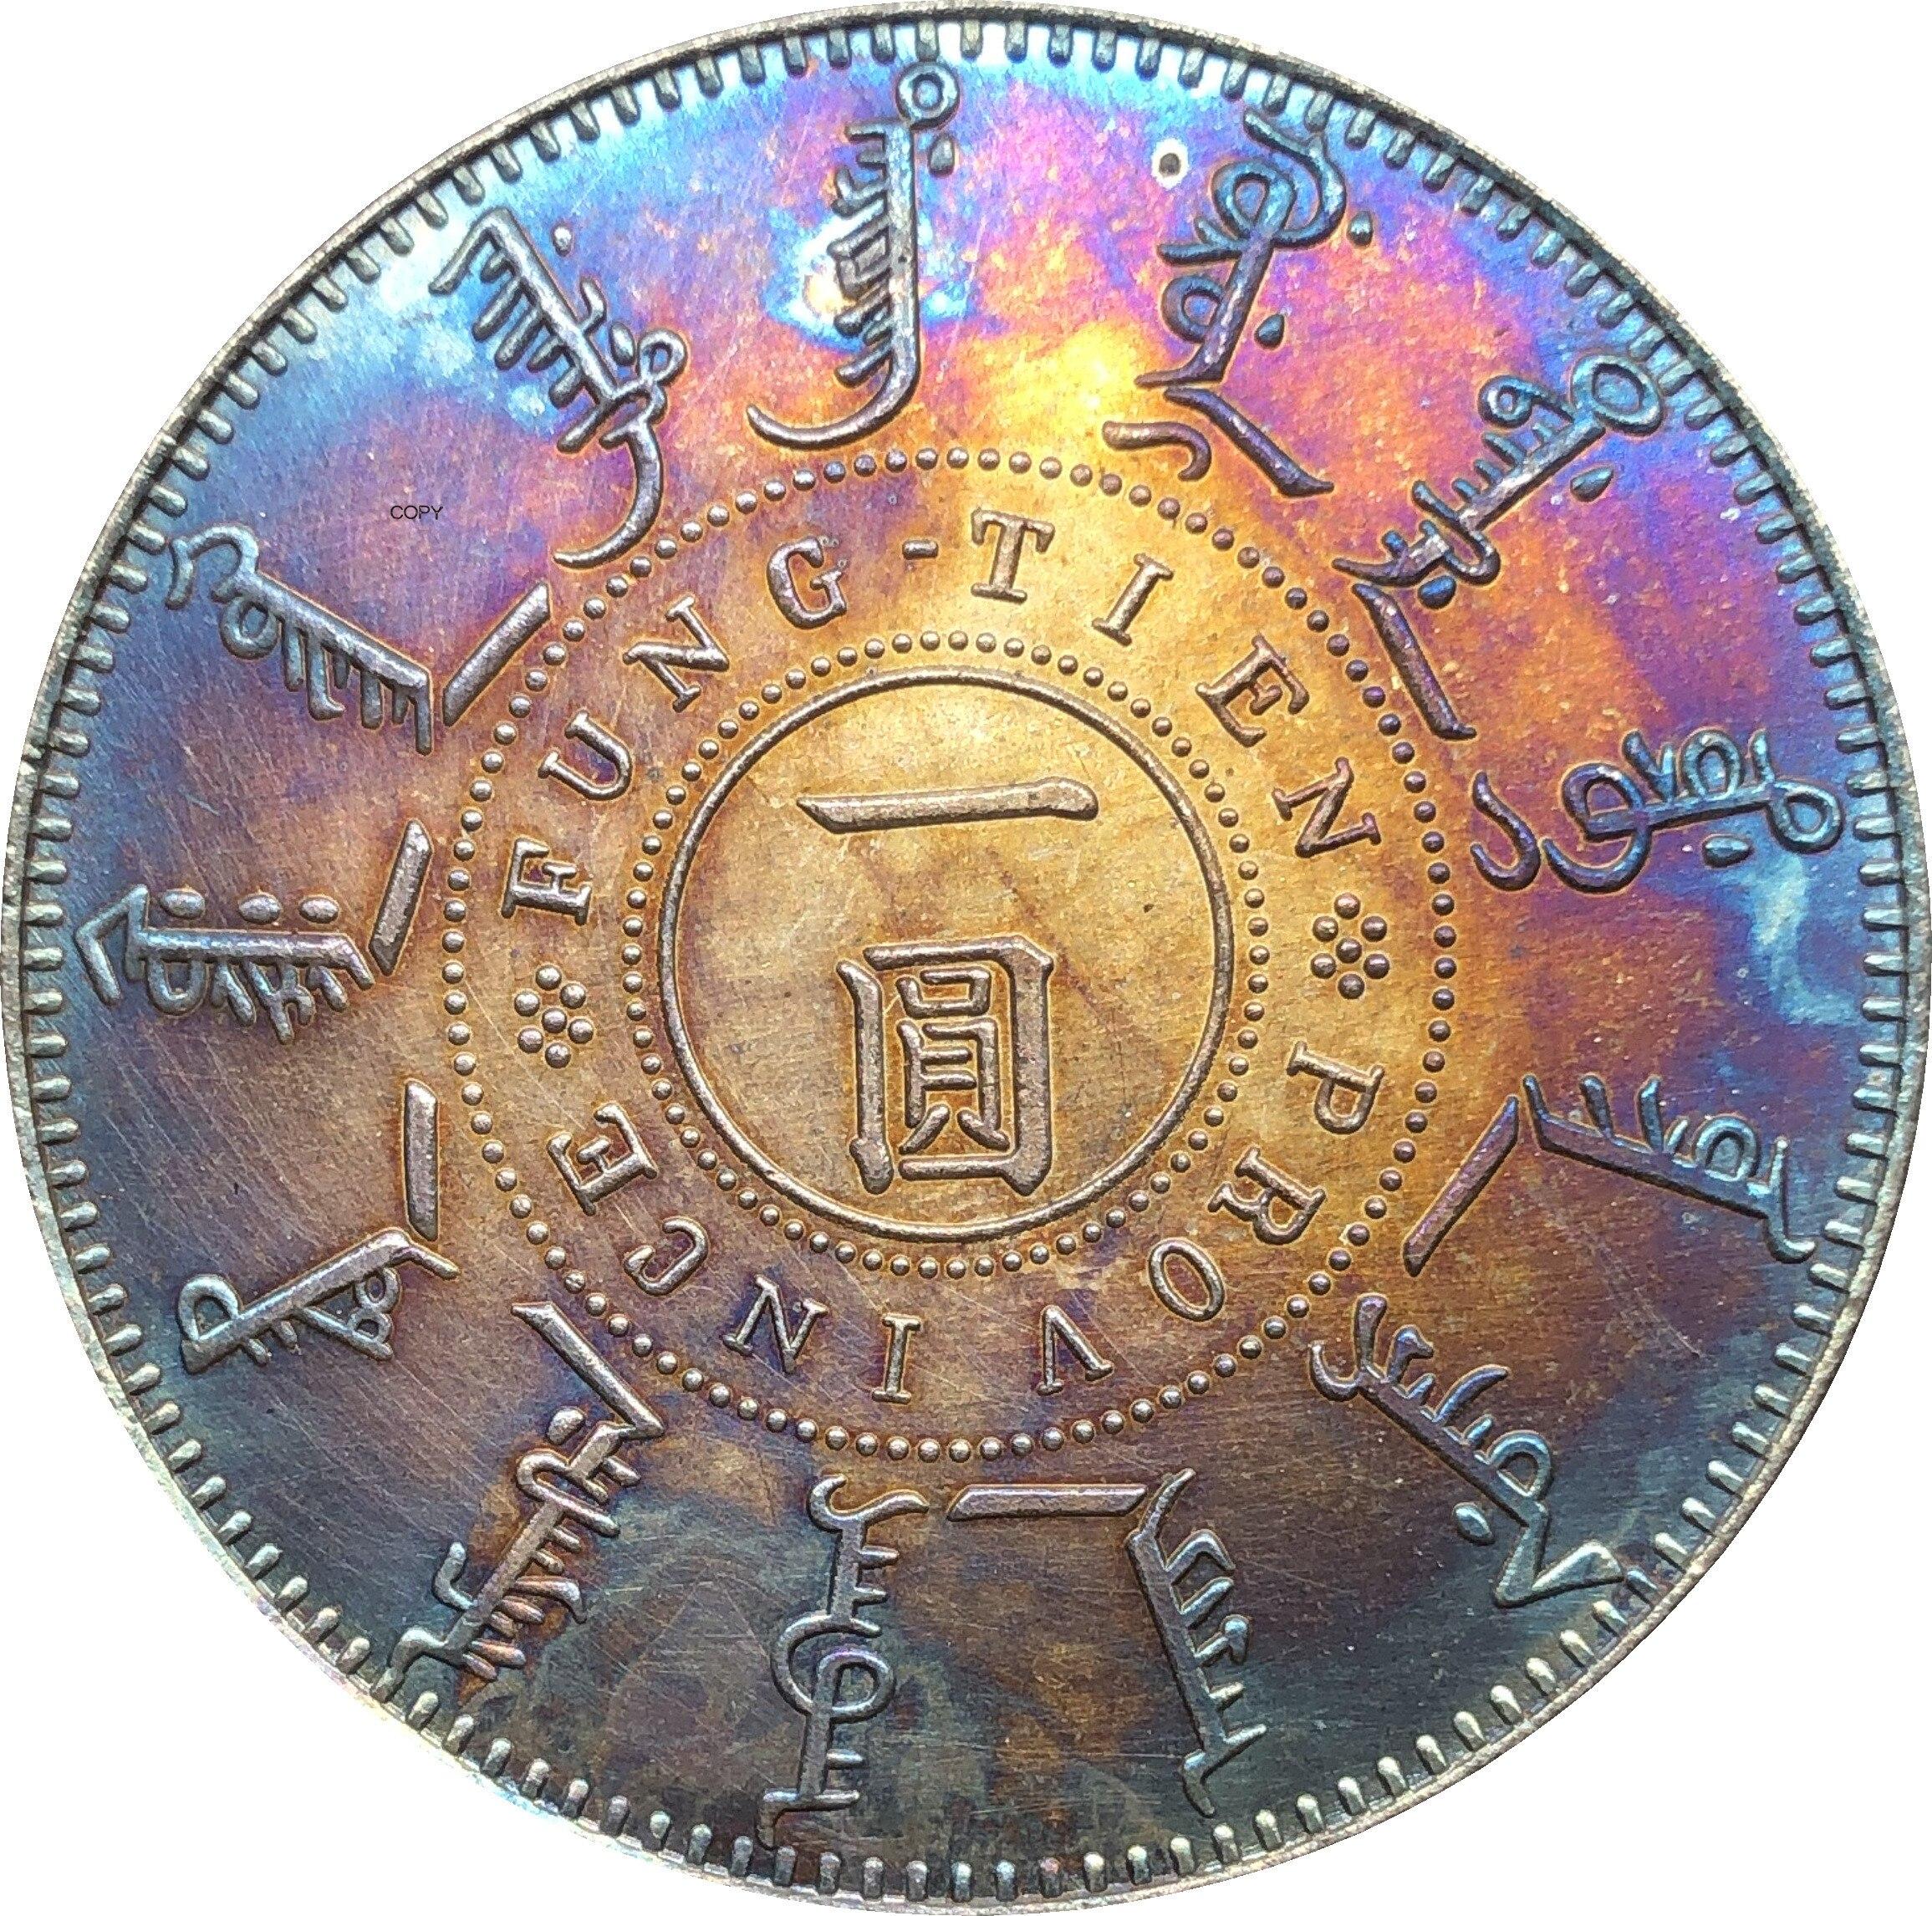 Moneda China Fengtien, provincia de 1899, Kuang Hsu, de un dólar cuproníquel, copia de monedas chapadas en plata